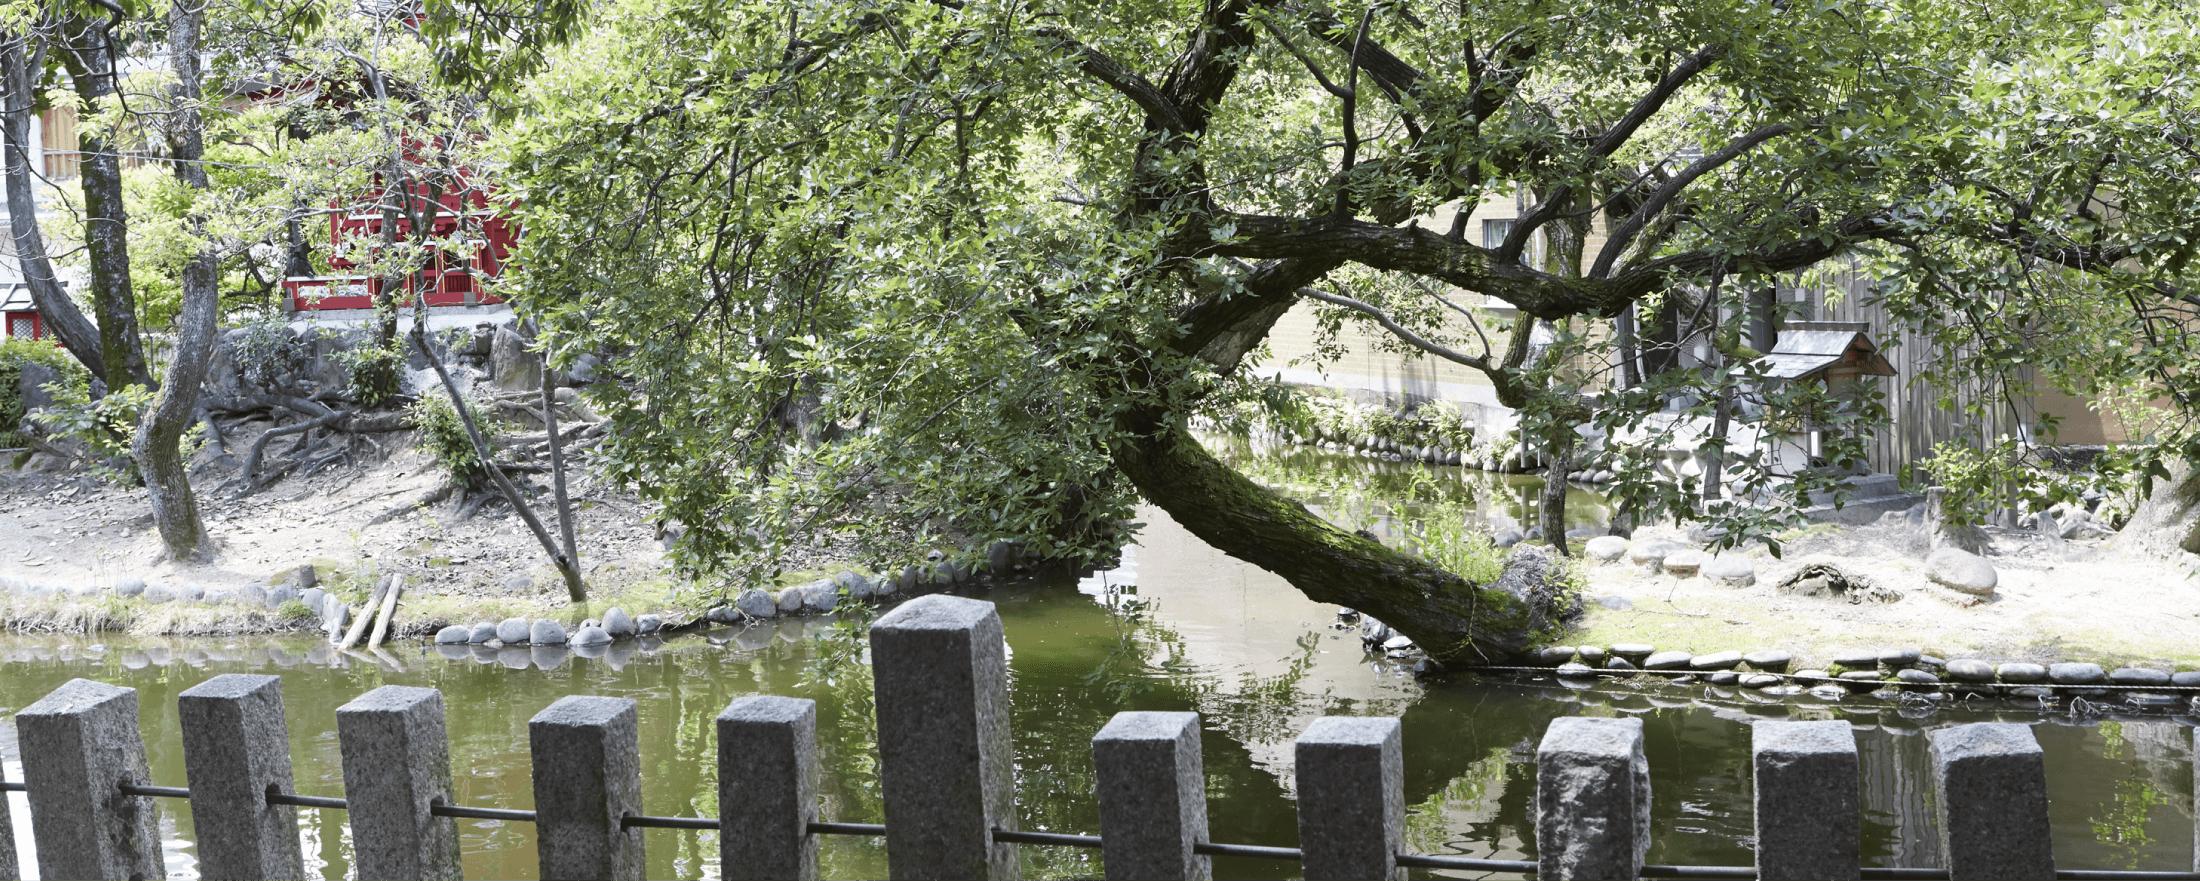 たくさんの生き物たちが暮らす弁天さんのお池。